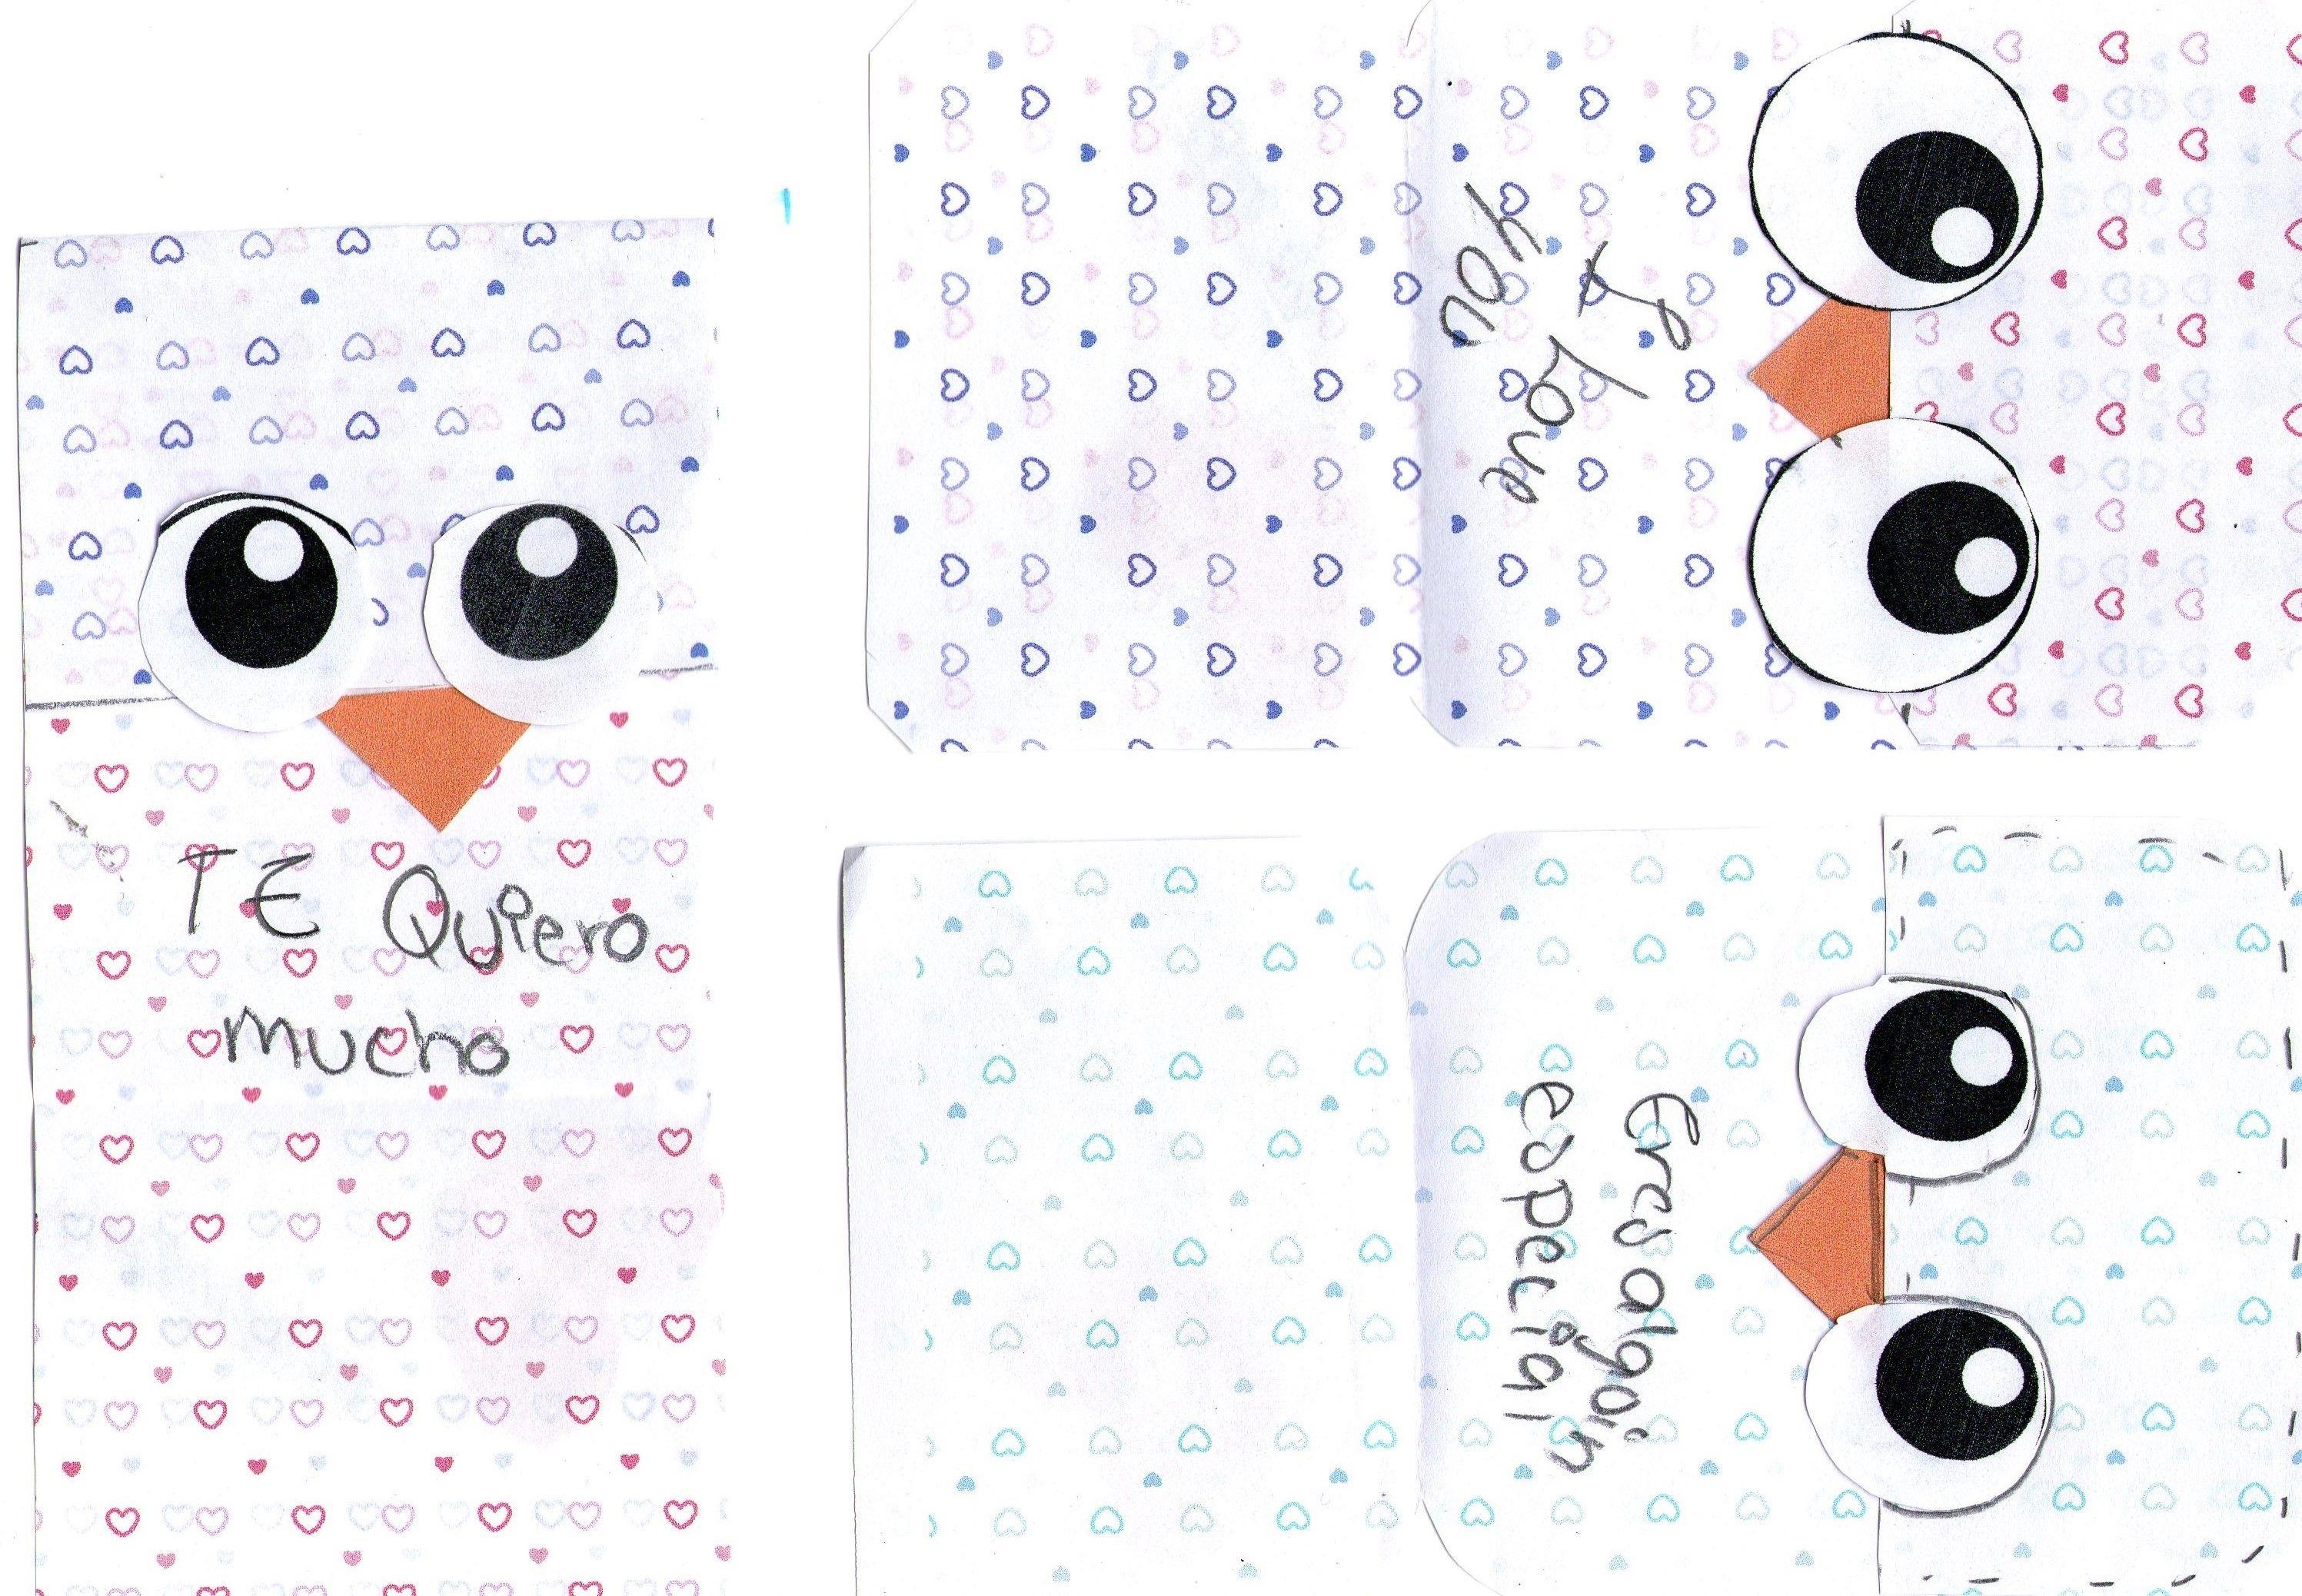 cartas de búhos linda que puedes hacer este  14 de febrero